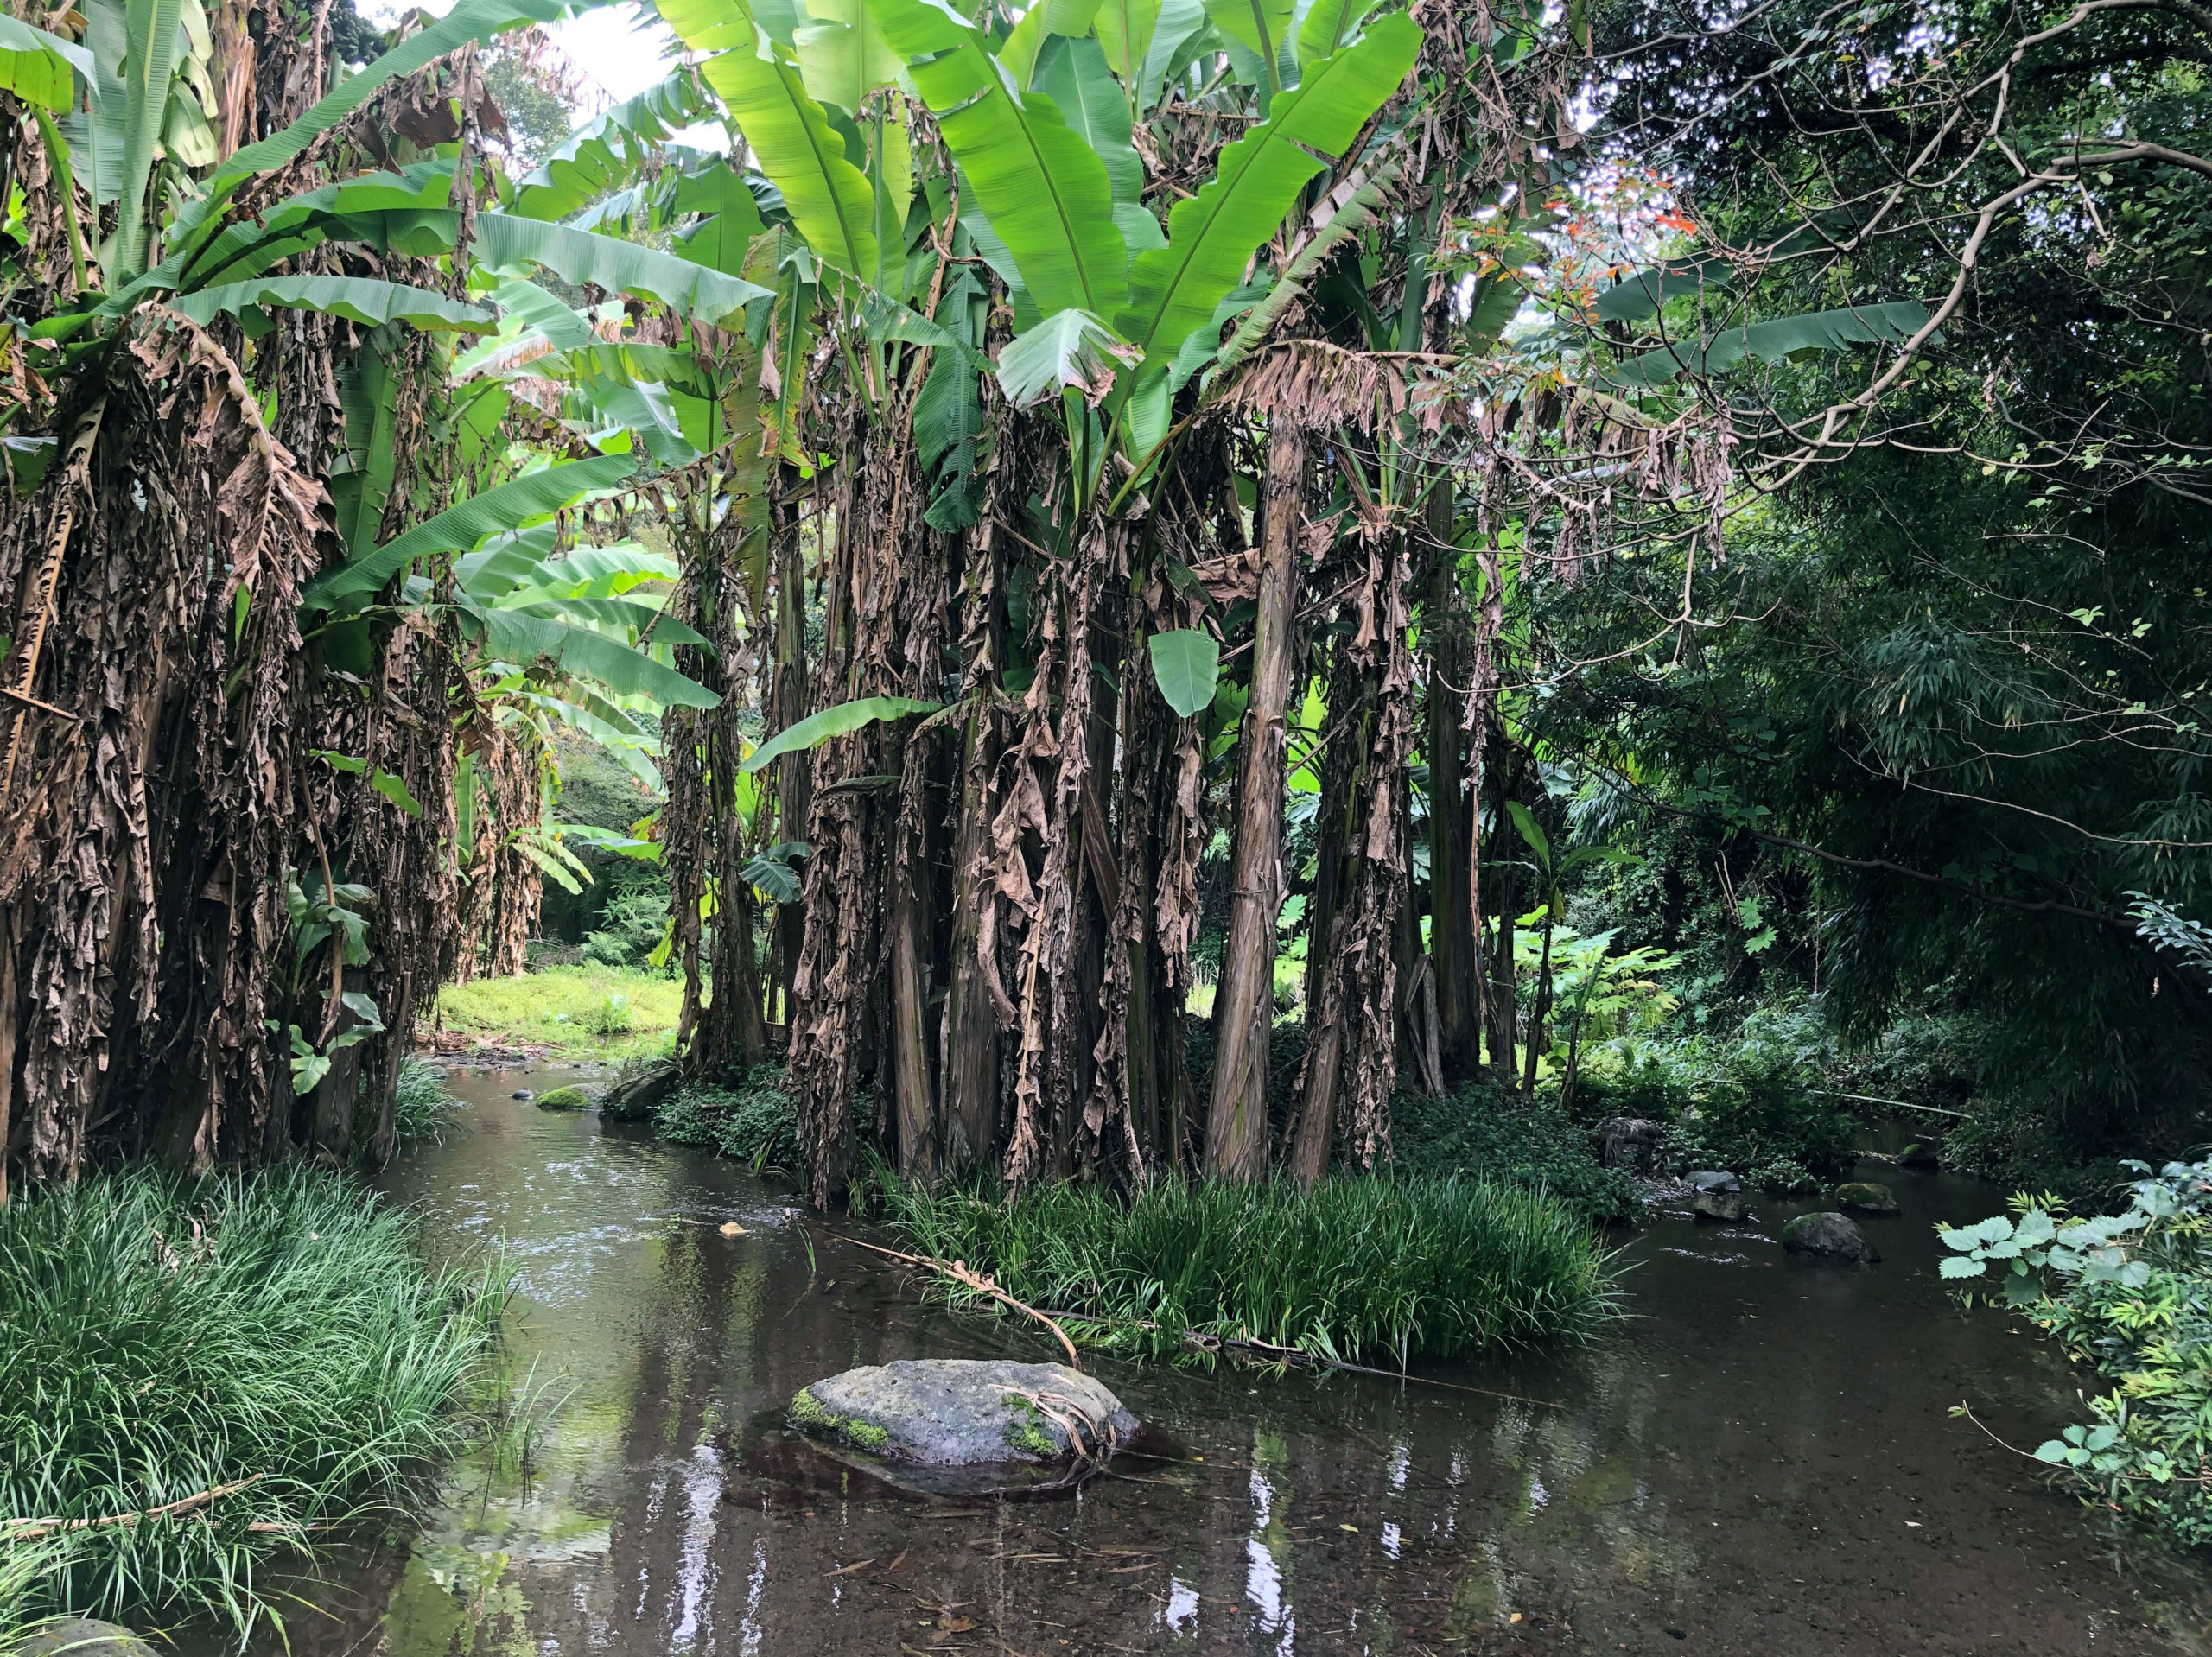 ジャングルのような景色が広がる熊本の公園